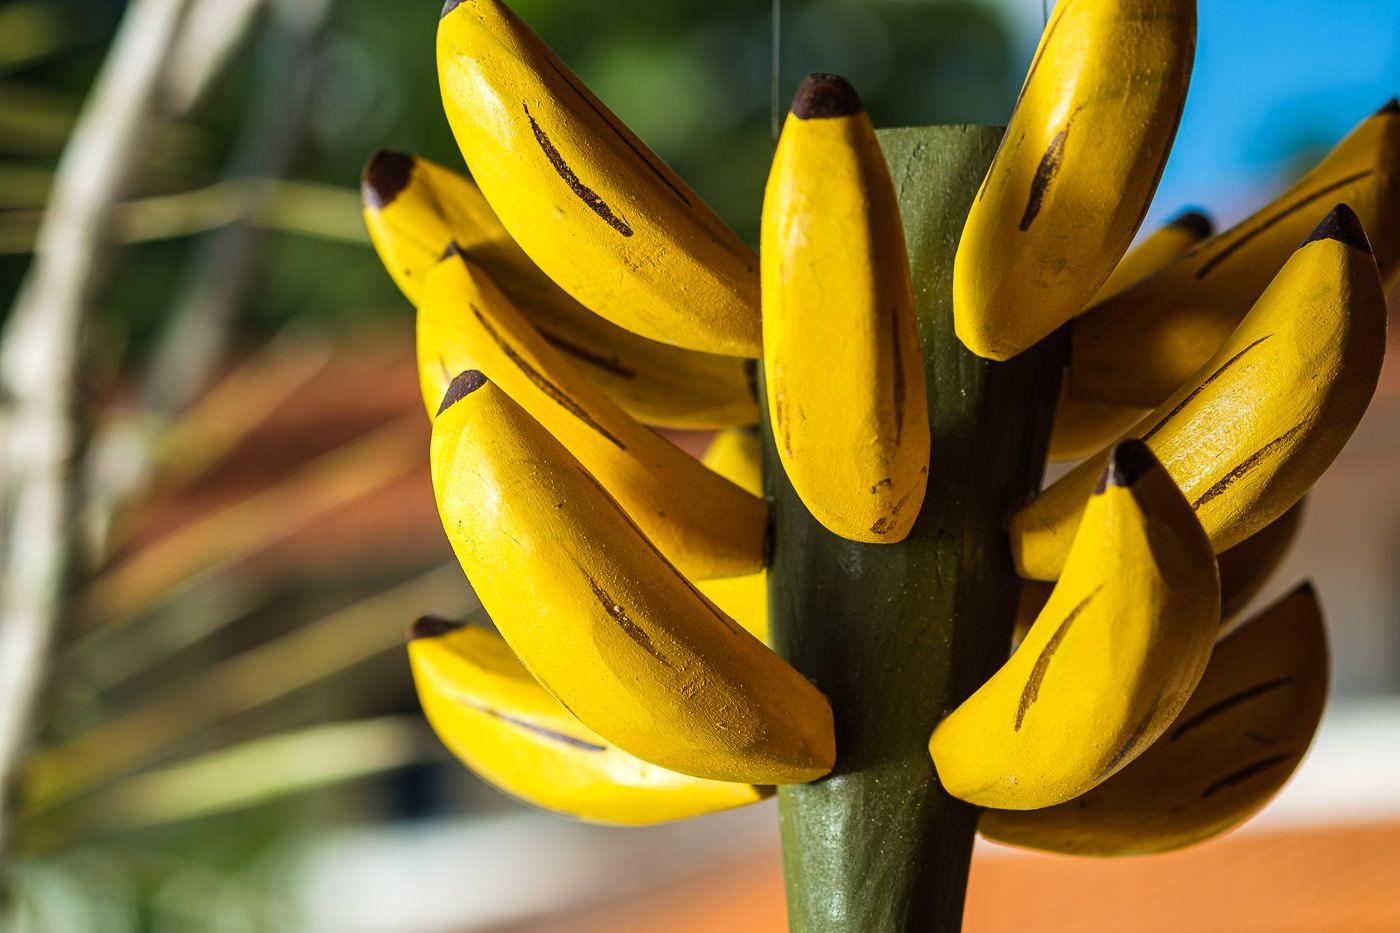 Cacho de Bananas em Madeira Decorativo Pequeno